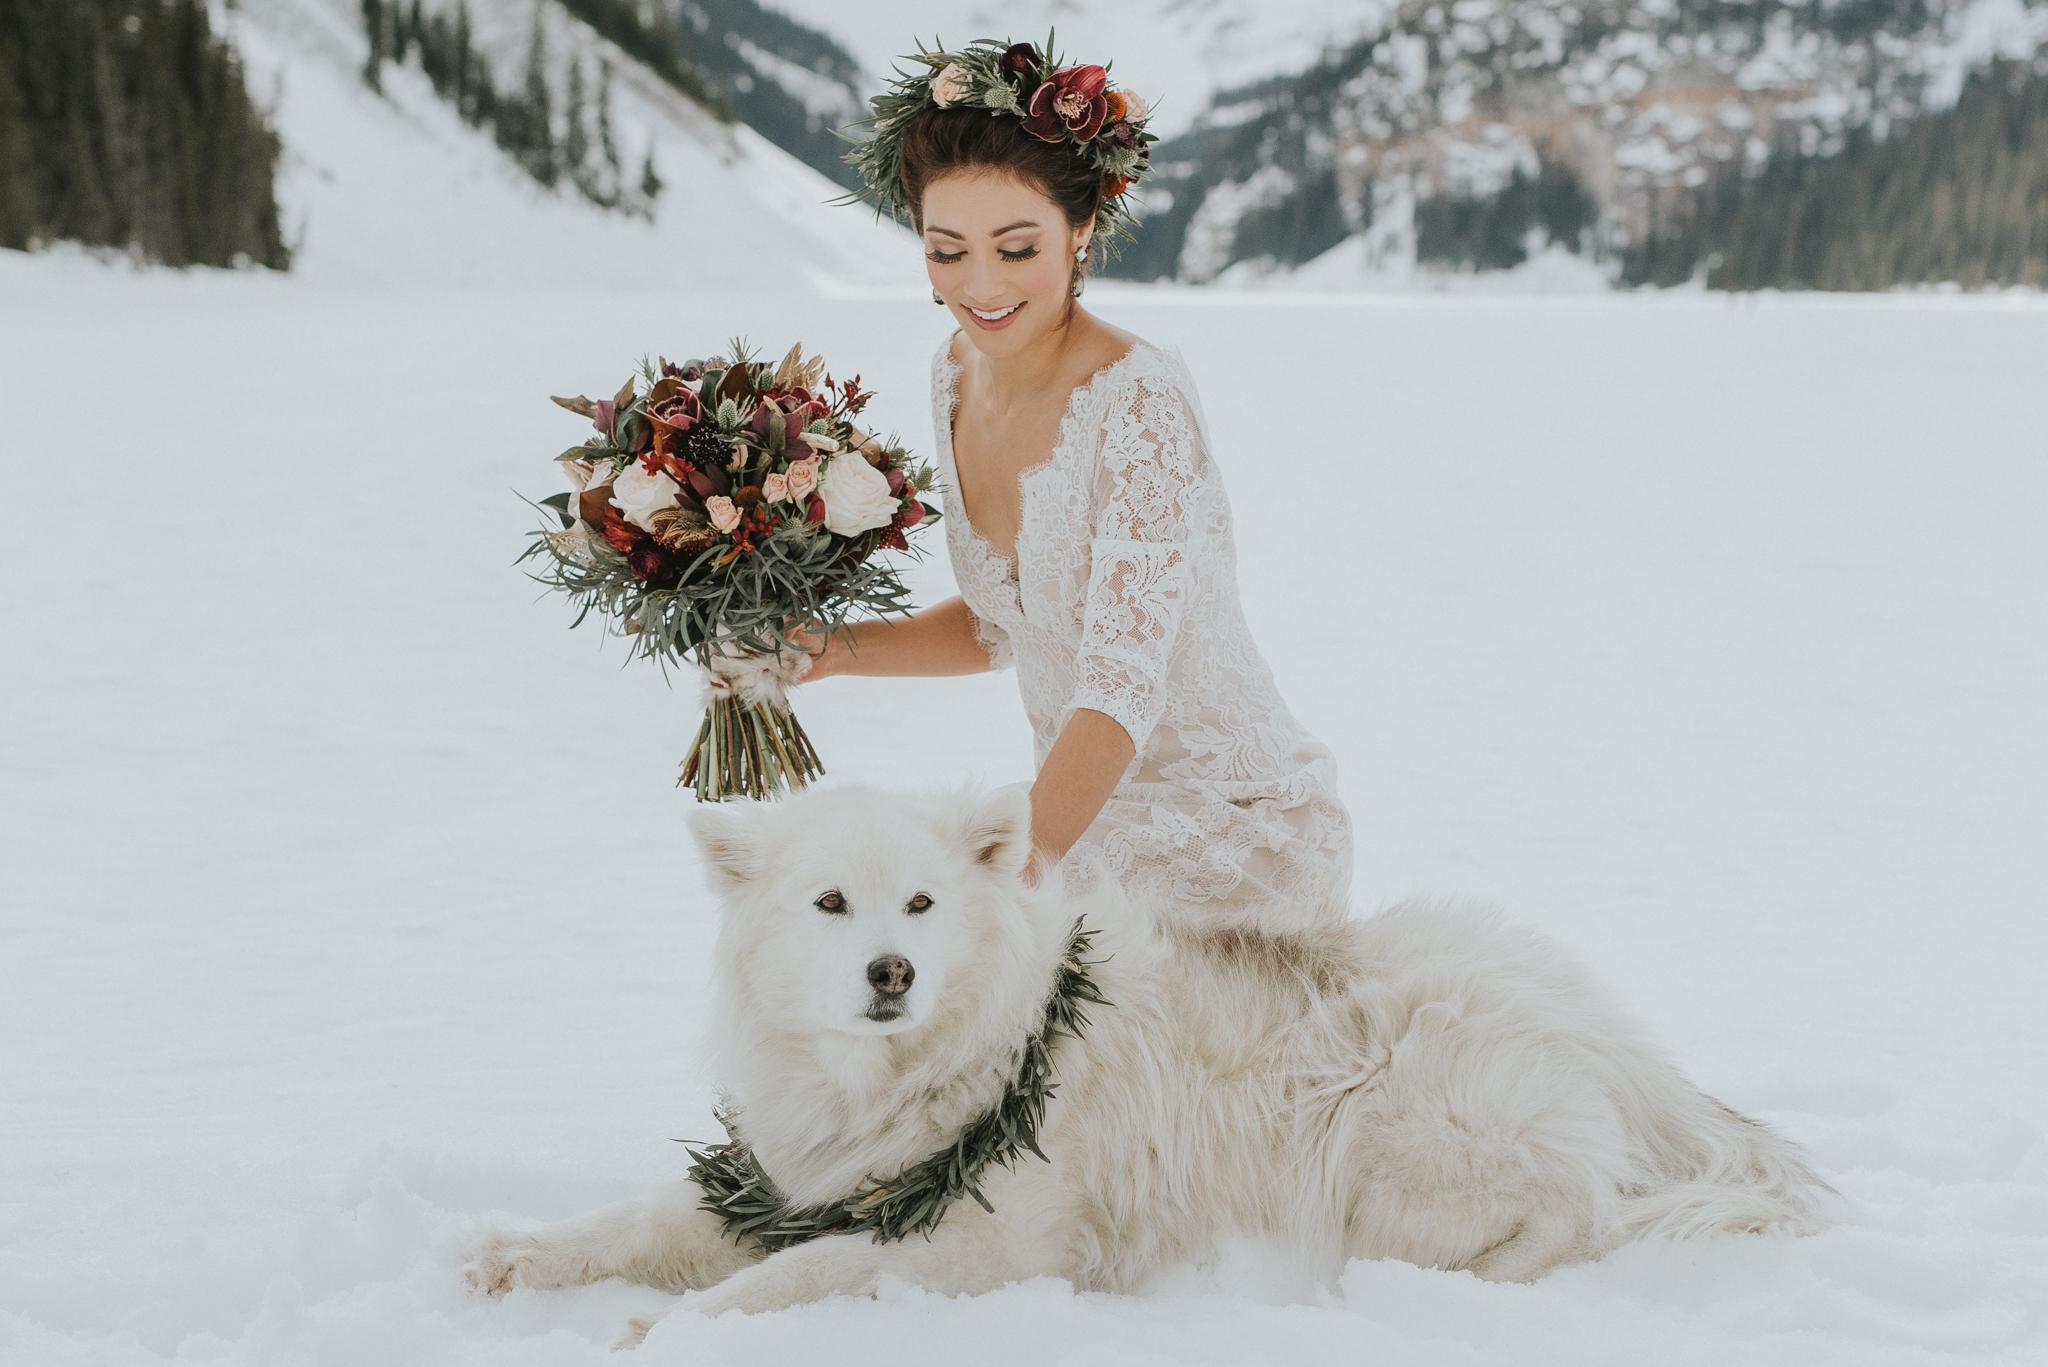 Lake Louise Winter Wedding